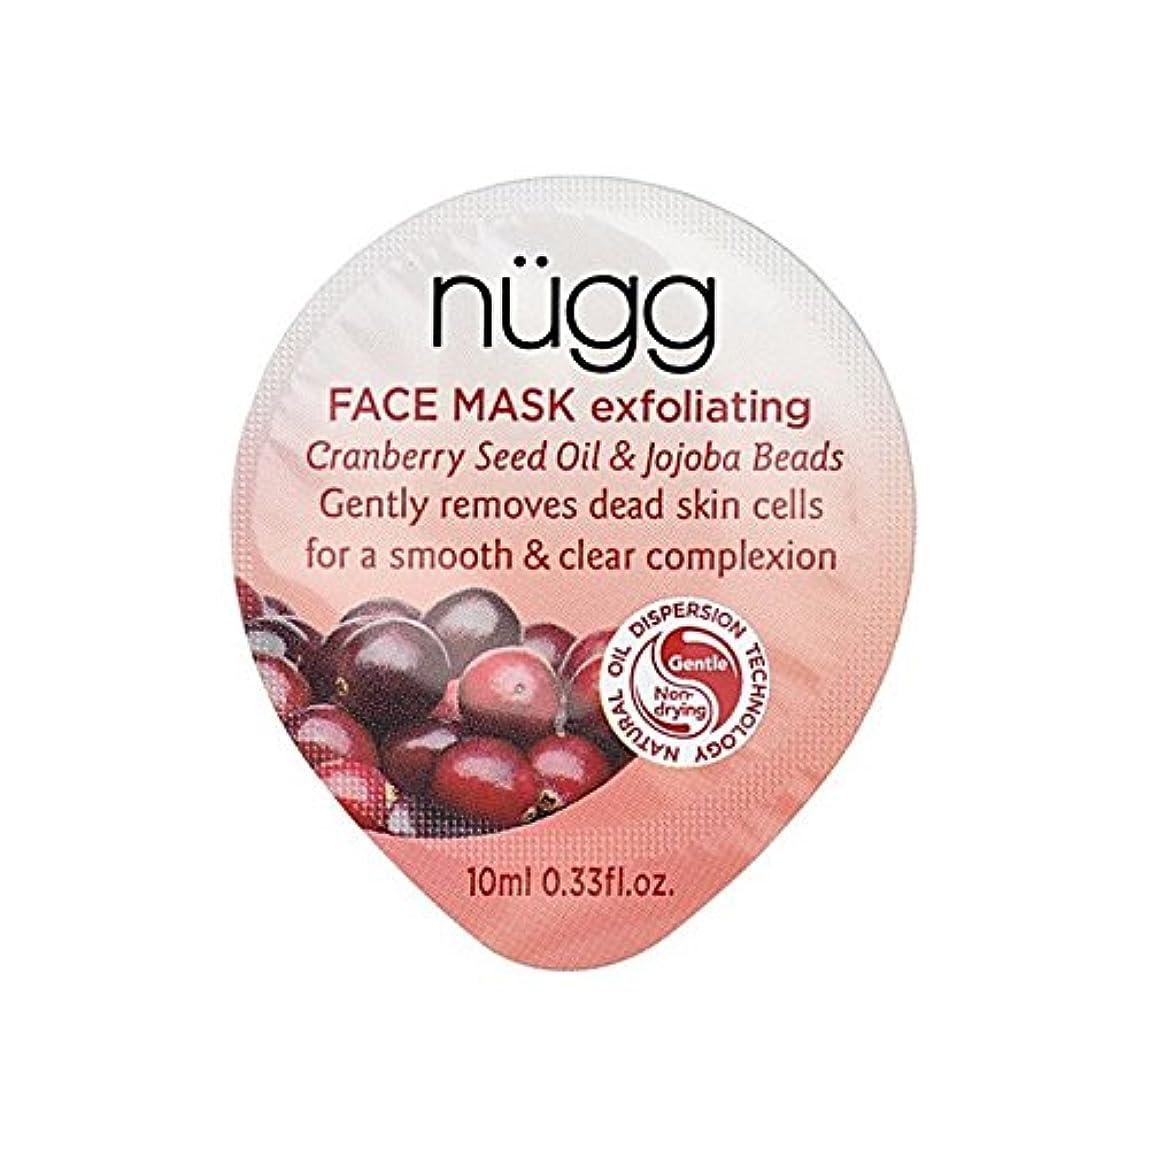 フェイスマスクを剥離 x4 - Nugg Exfoliating Face Mask (Pack of 4) [並行輸入品]